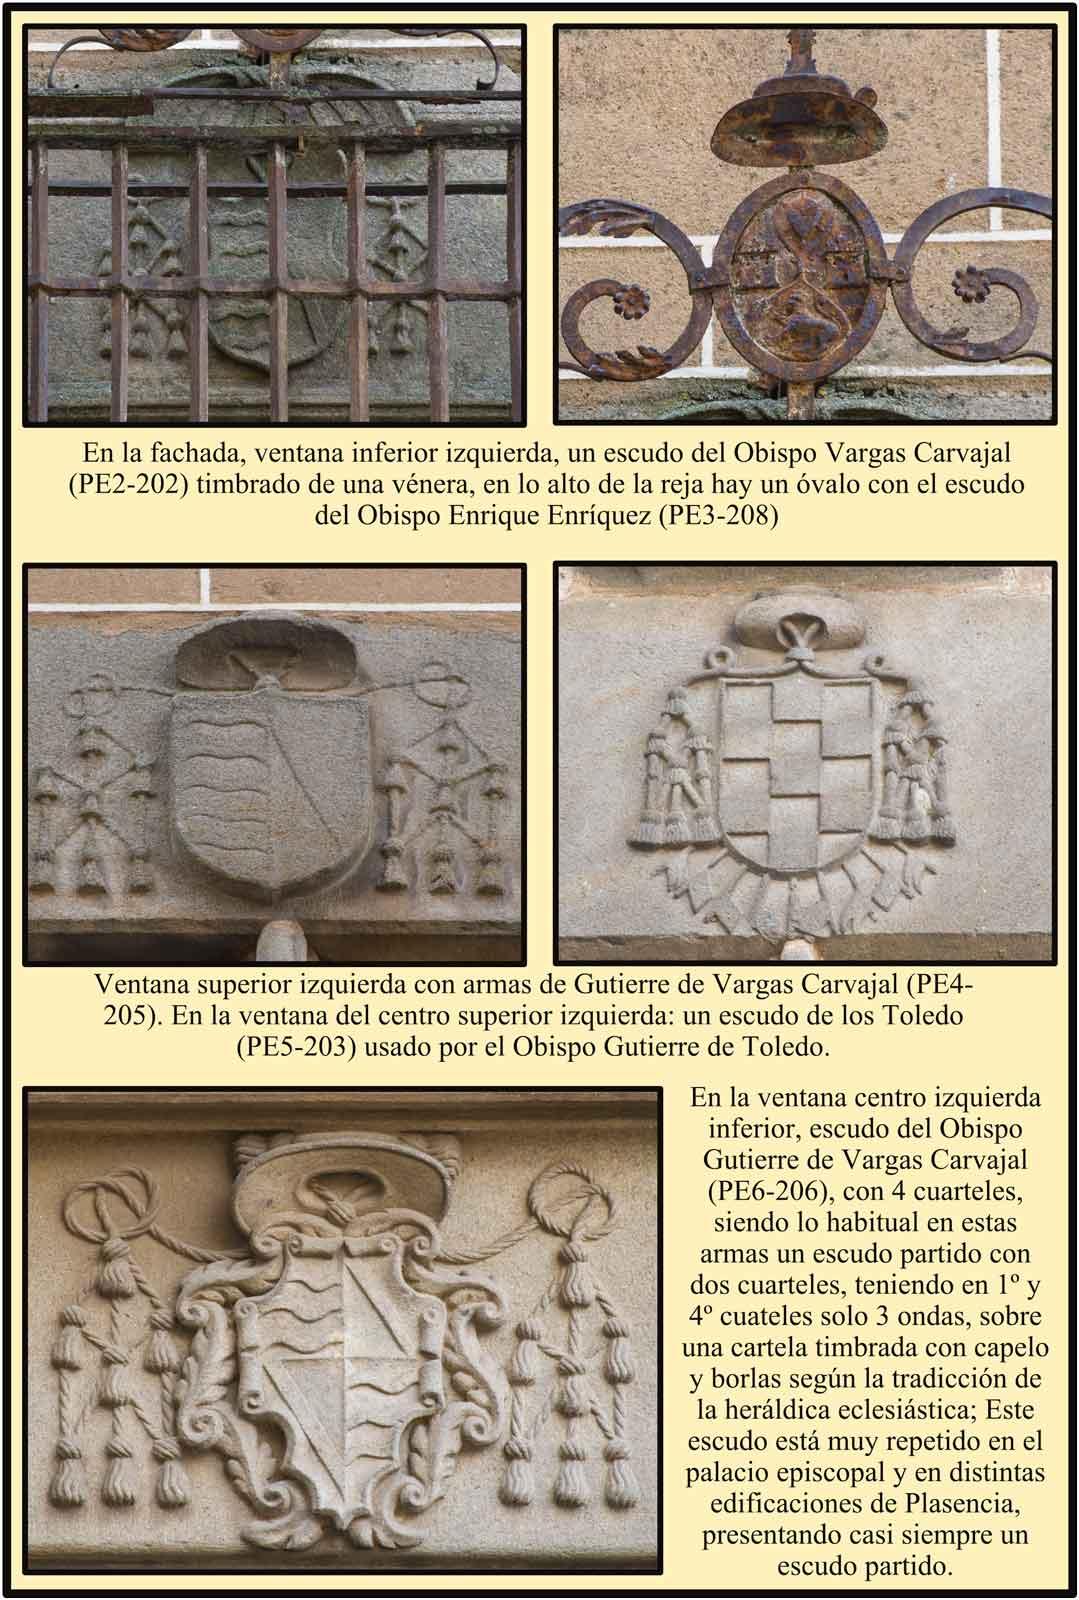 Plasencia  Escudos de las ventanas del Palacio Episcopal